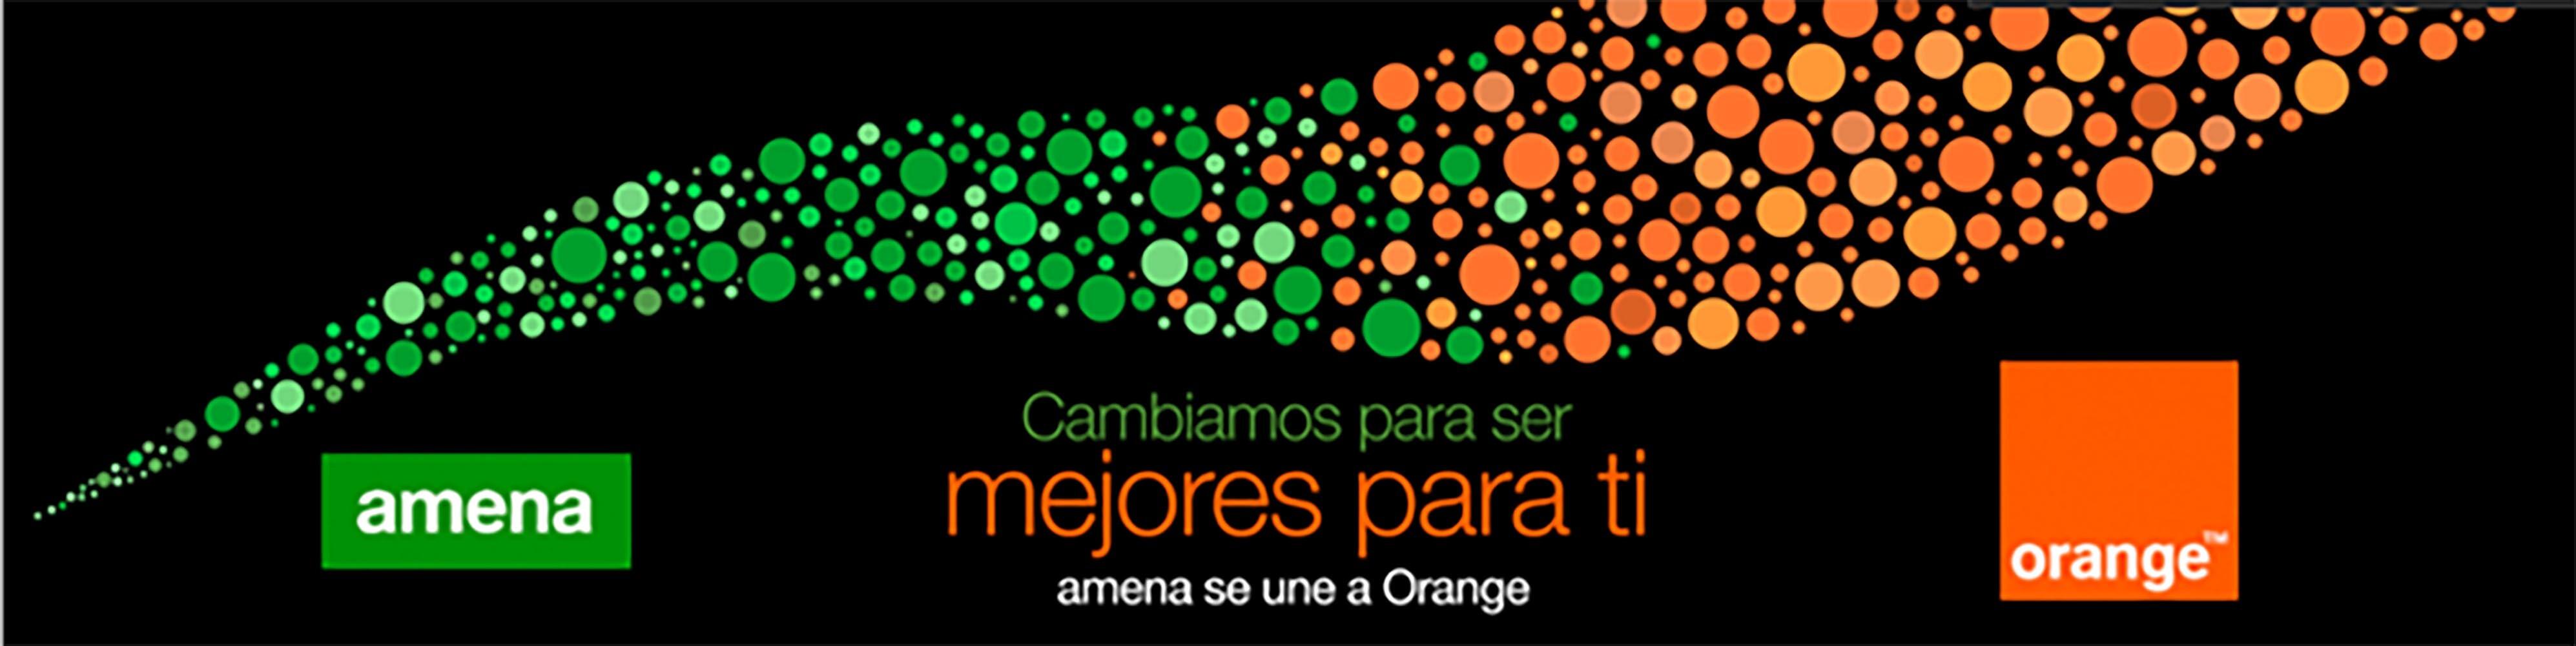 Amena y orange